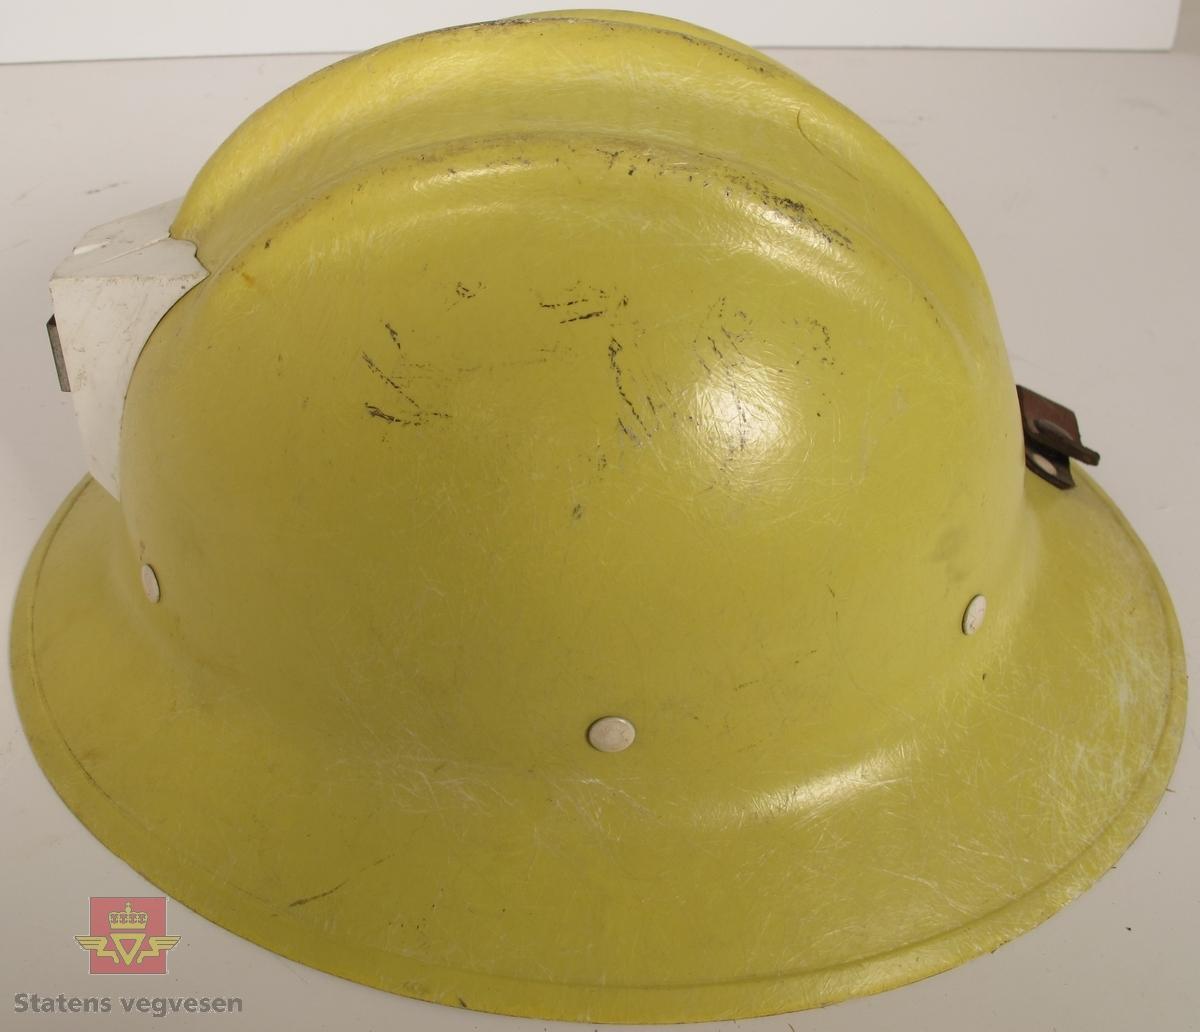 Gul vernehjelm i glassfiber med innmat av lær og tekstil. Feste for hodelykt foran og lærreim med trykknapp bak. Klistremerke i hvitt og blått med påskriften KRAFTLAGET OPPLANDSKRAFT bak på hjelmen, og navnet Asle skrevet inni hjelmen. Innskrifter på hjelmen: POLYGLAS LUPI MILANO ITALIA, E.D BULLARD CO. S.F-USA og HARD BOILED.